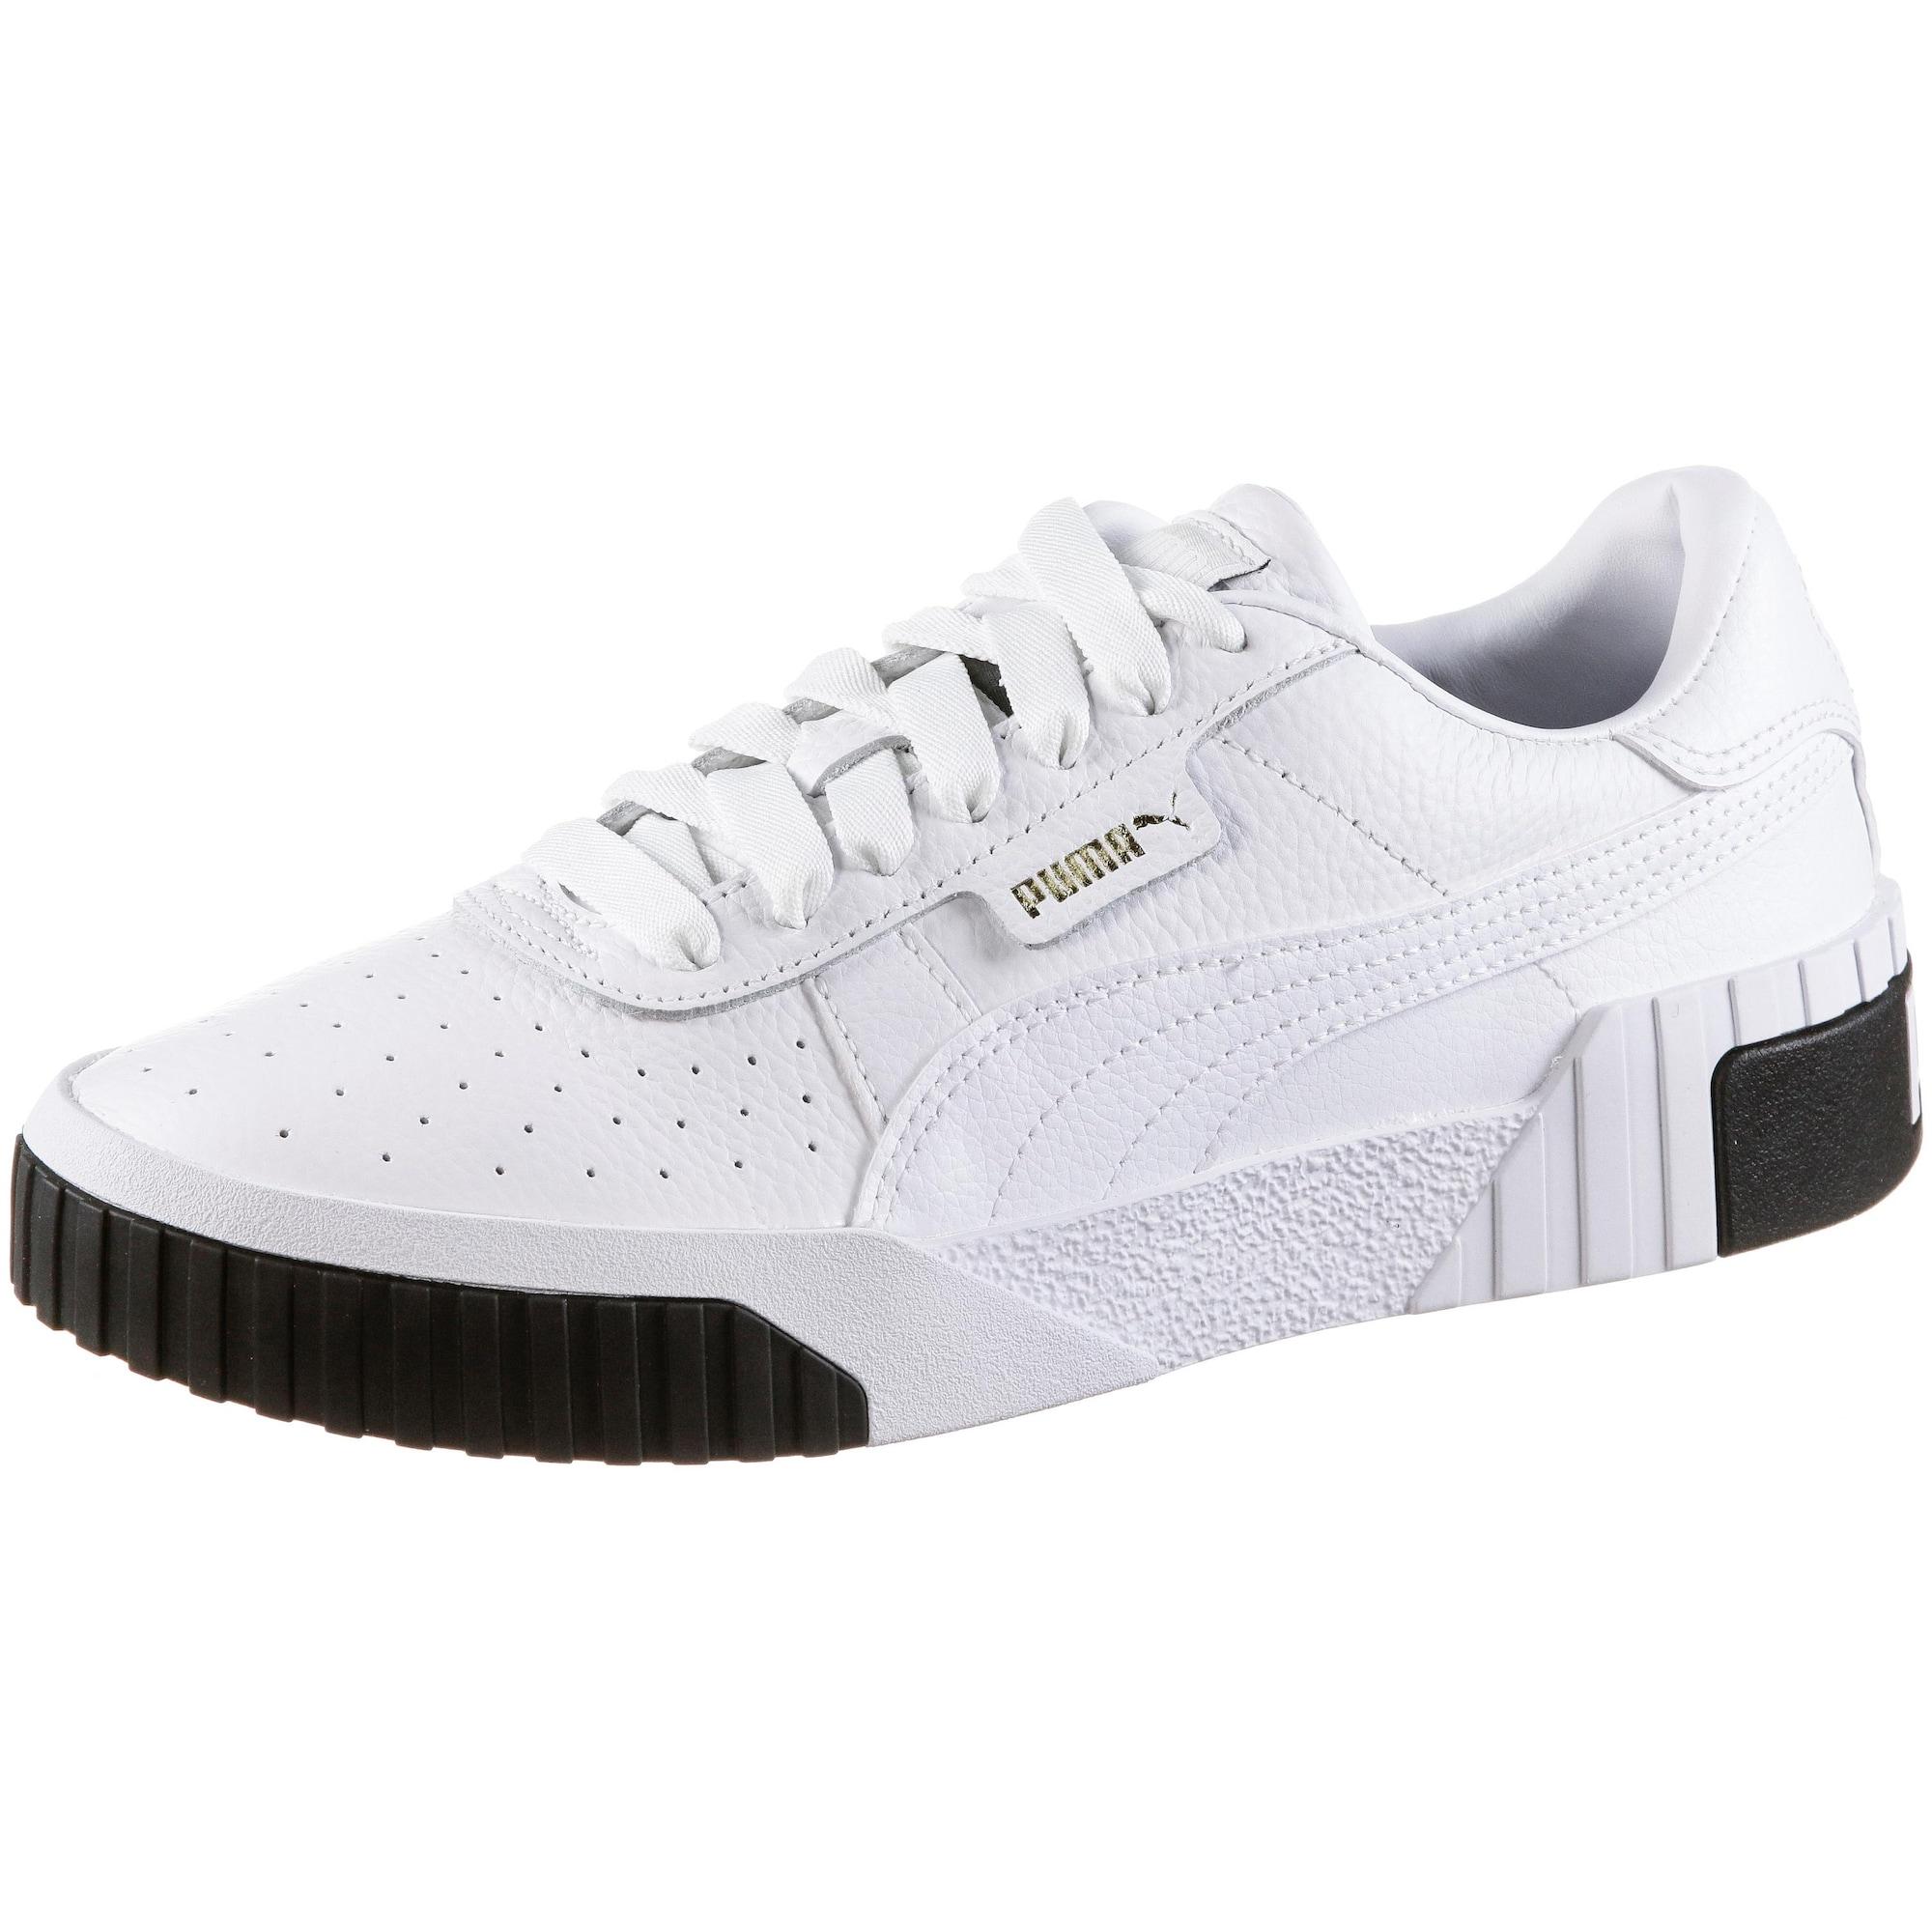 Sneakers Cali Wn'S by Puma